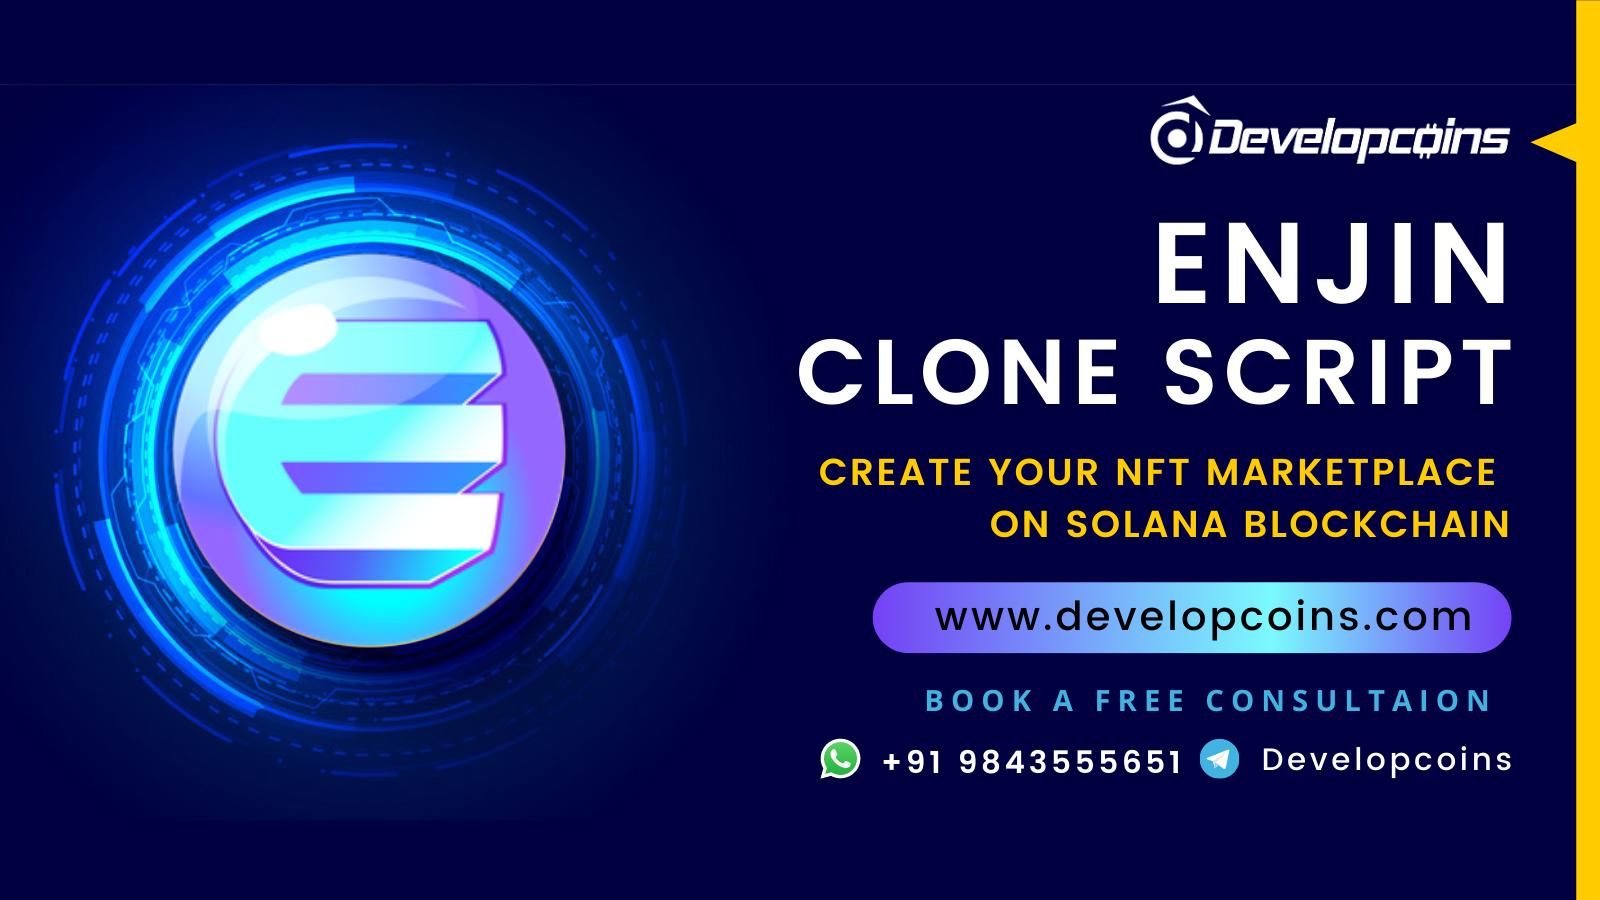 Enjin Clone script To Create NFT marketplace like Enjin